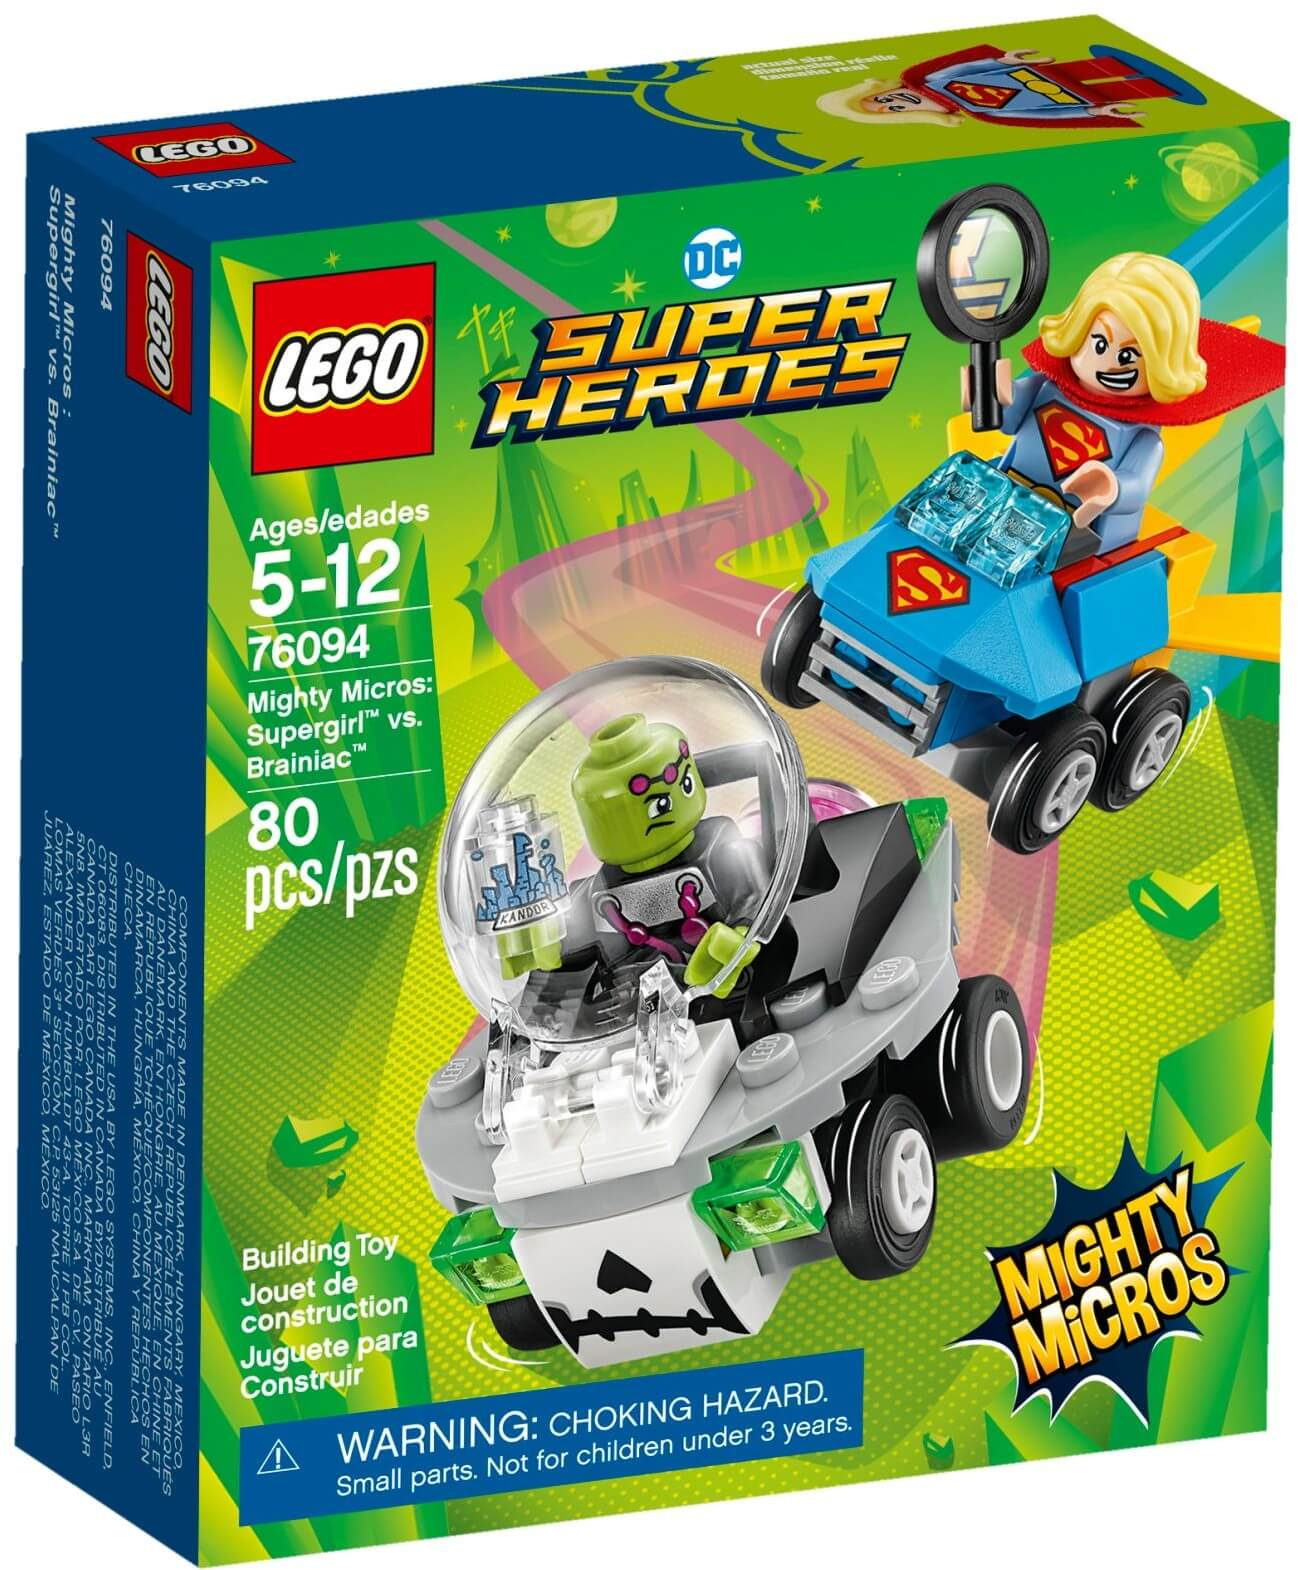 Mua đồ chơi LEGO 76094 - LEGO DC Comics Super Heroes 76094 - Supergirl vs. Brainiac (LEGO DC Comics Super Heroes 76094 Mighty Micros: Supergirl vs. Brainiac)